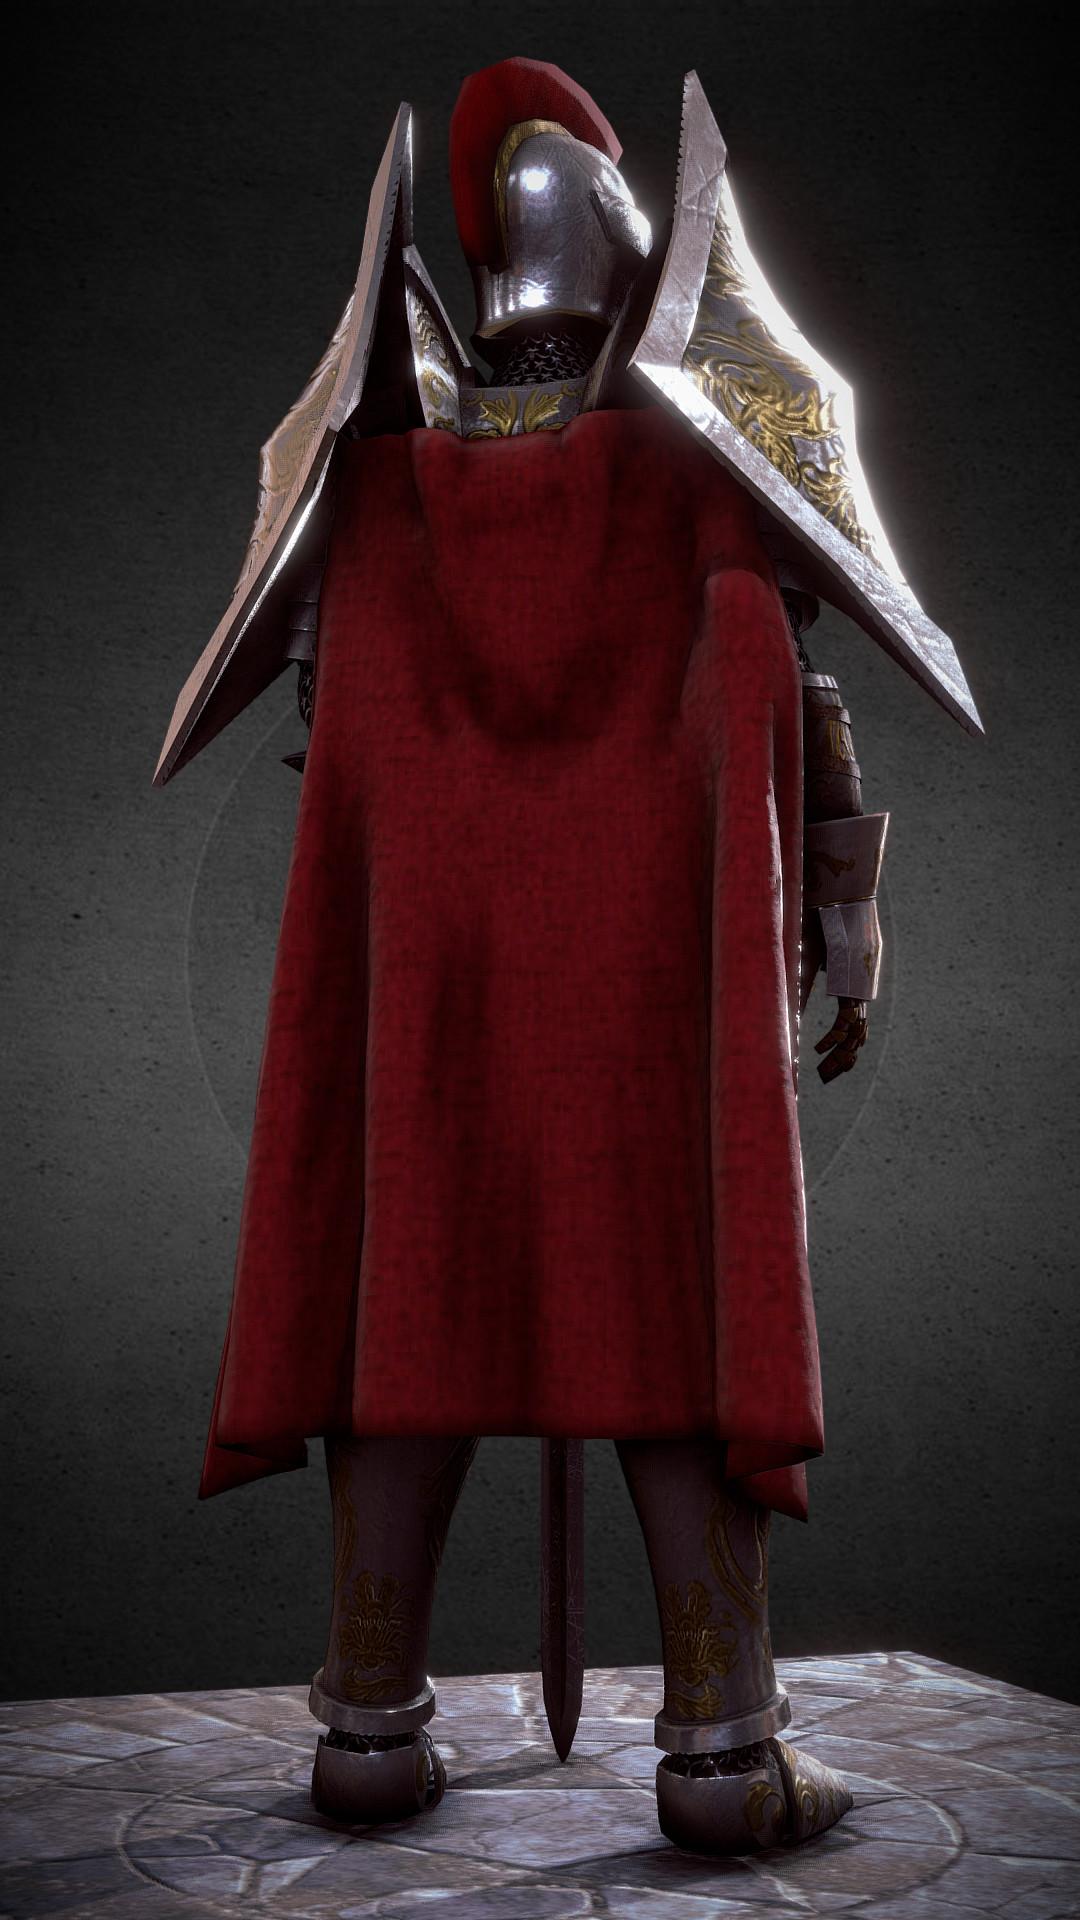 Ivan batalla knight medieval fantasy 1